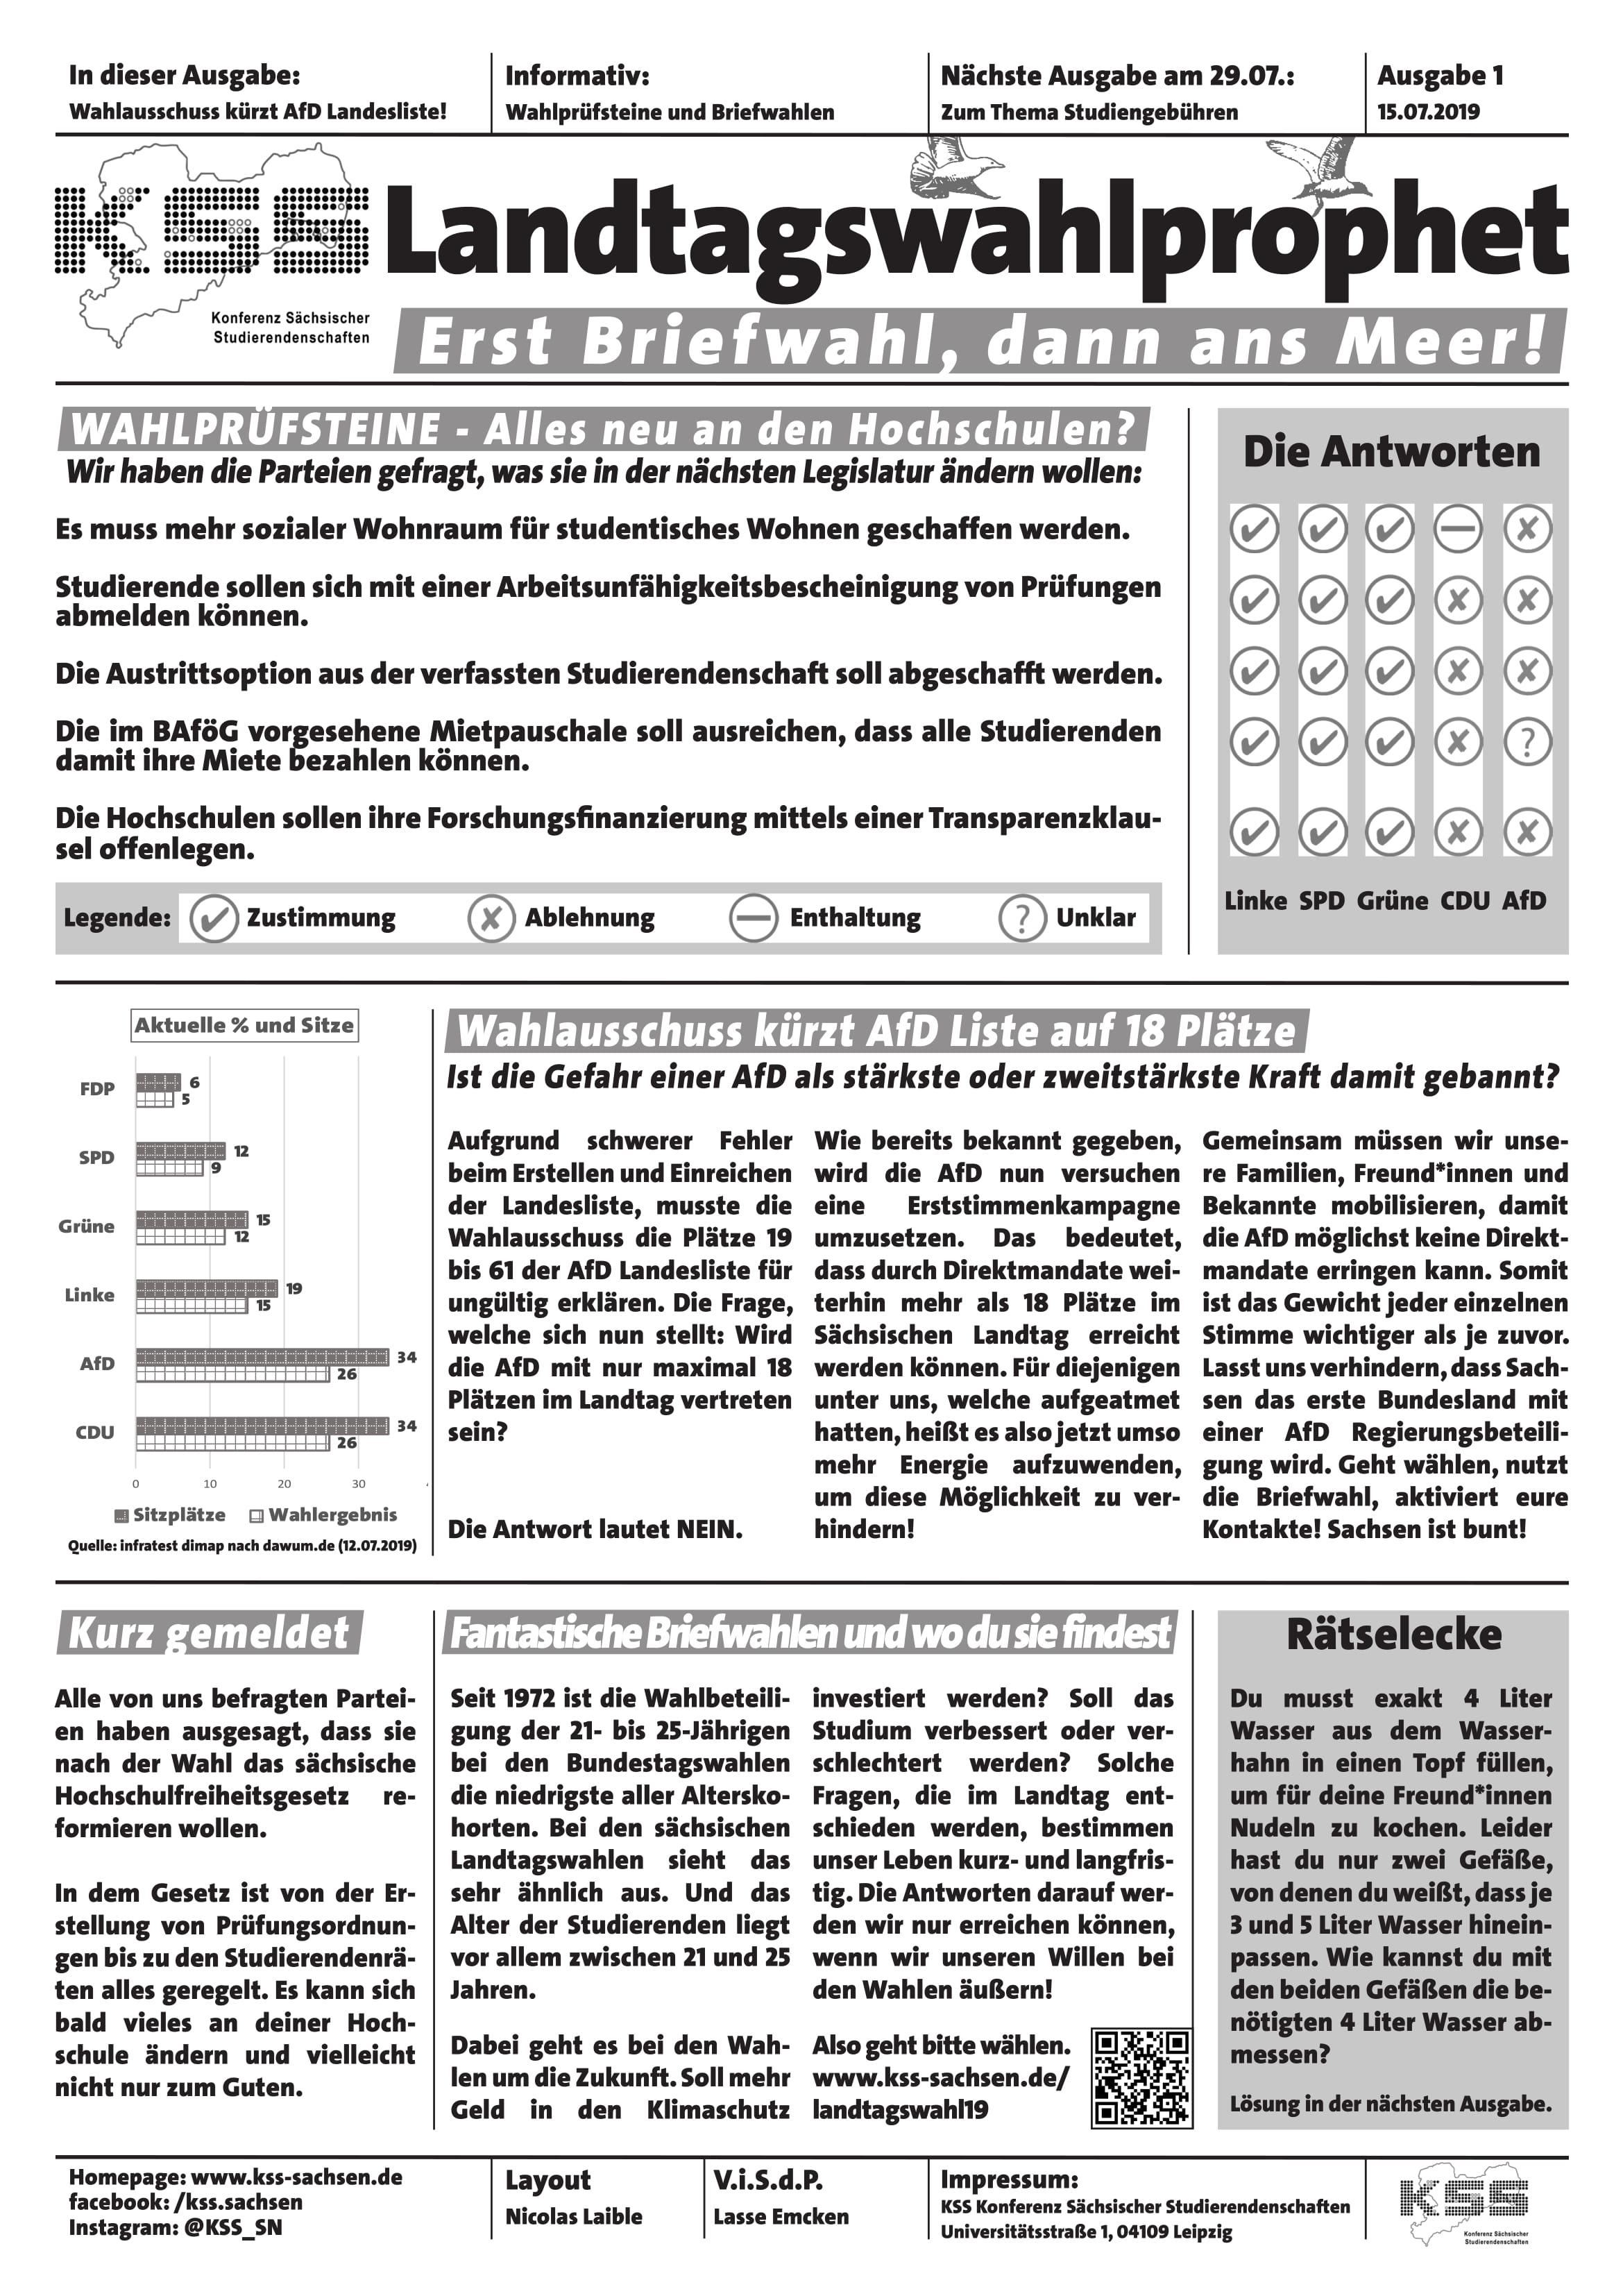 Eine Zeitung zu den Landtagswahlen